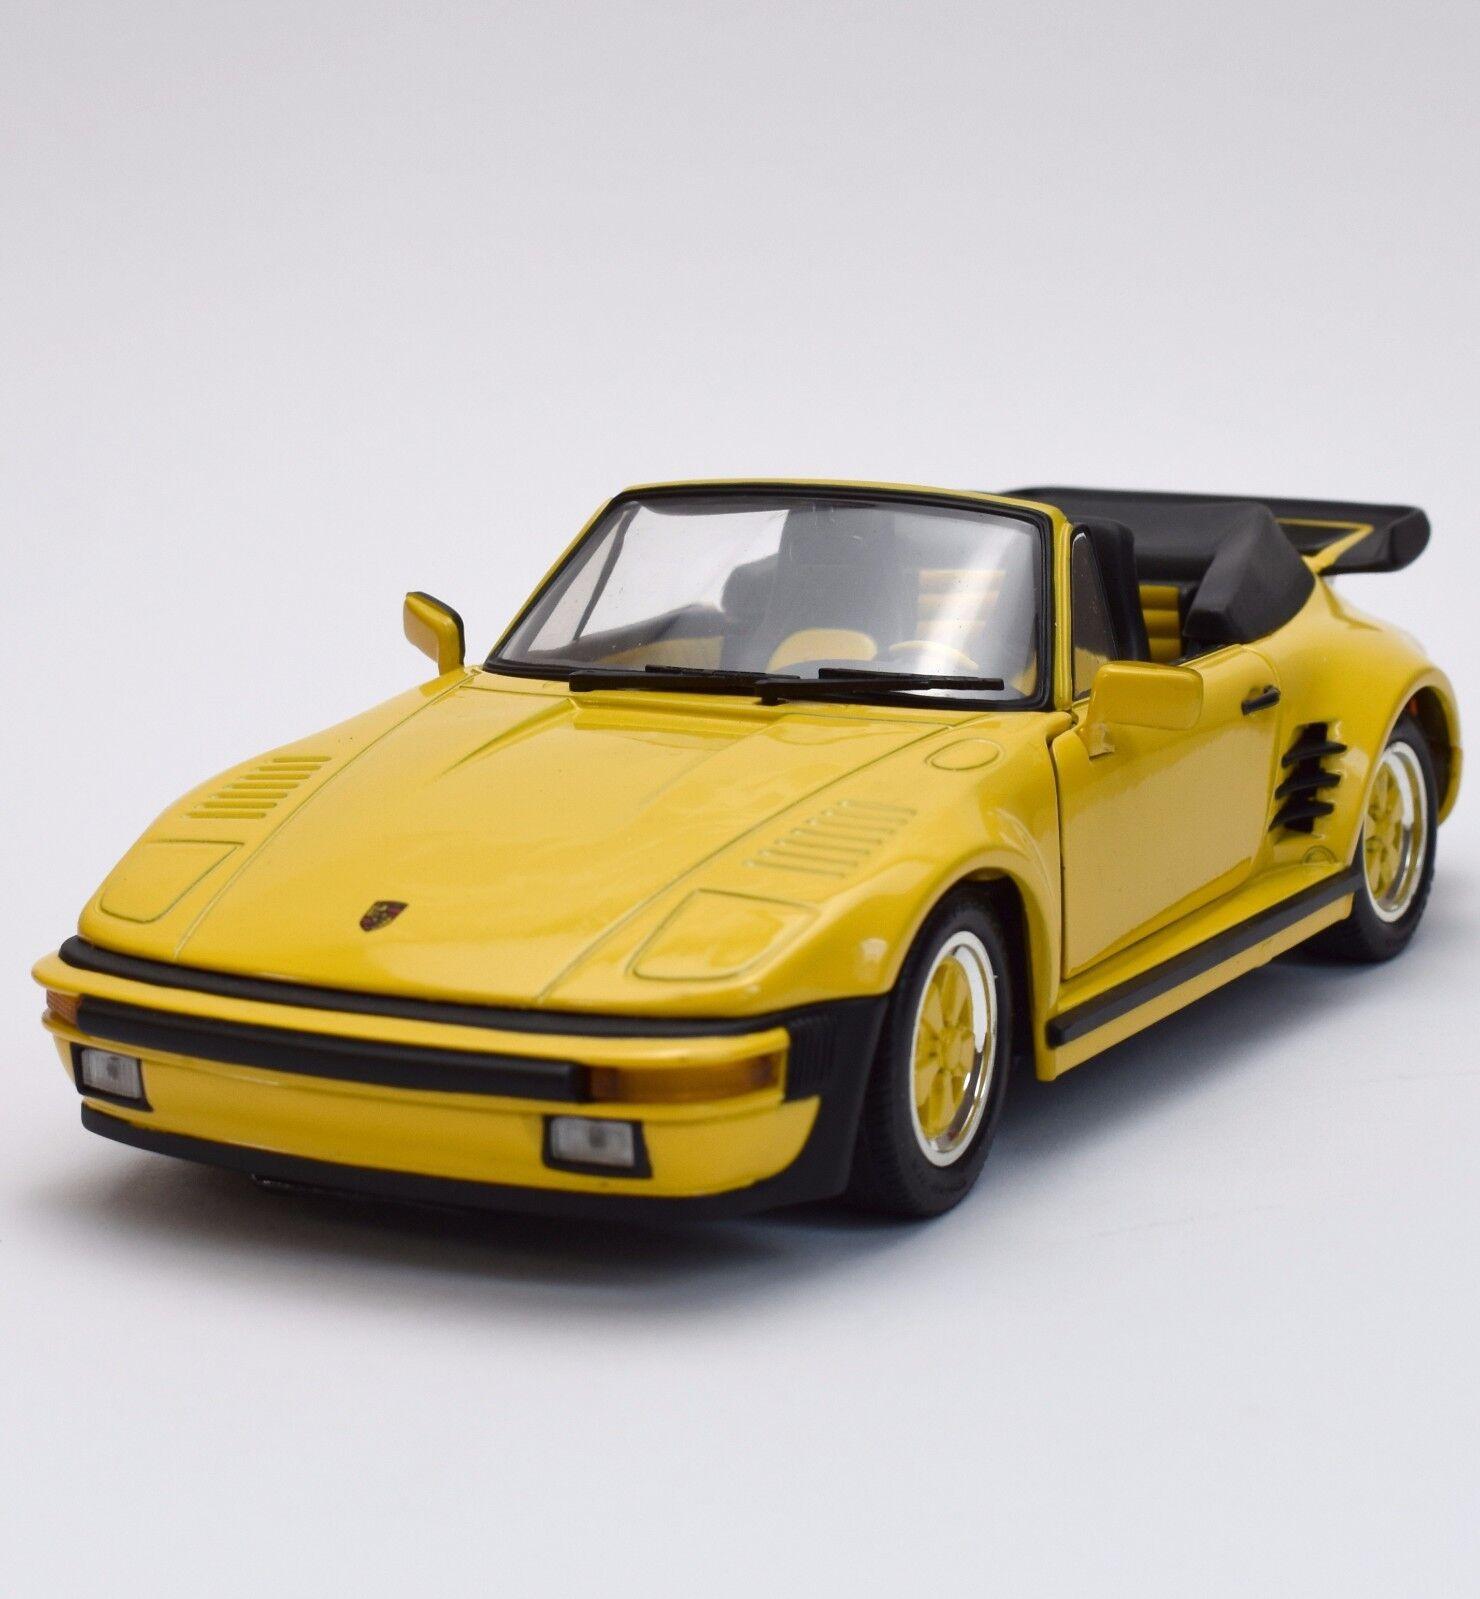 envío rápido en todo el mundo Revell 08807 Porsche Porsche Porsche 930 turbo auto deportivo en amarillo pintada 1 18, embalaje original, k025  venta al por mayor barato